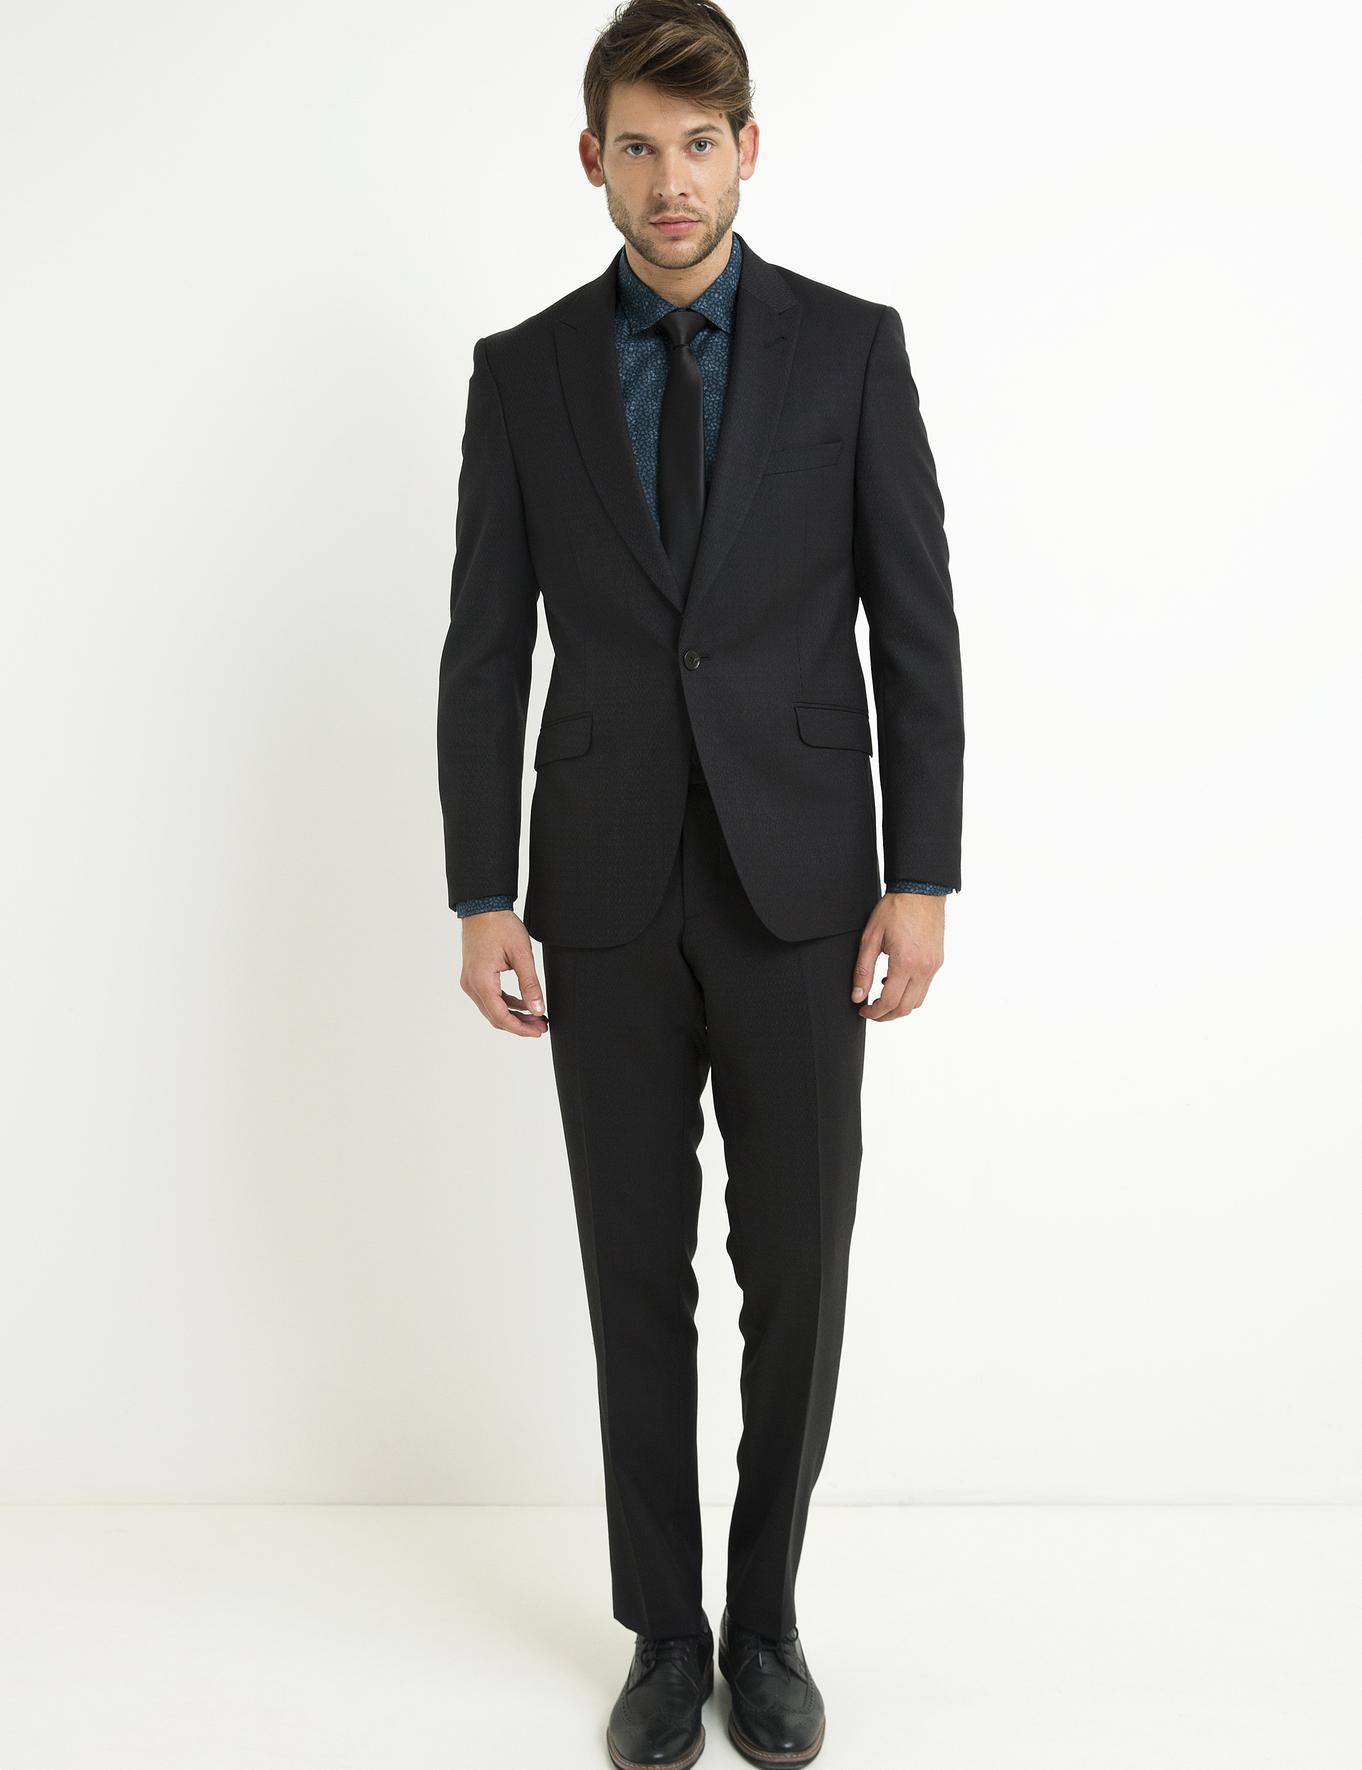 Siyah Slim Fit Takım Elbise - 50194216056